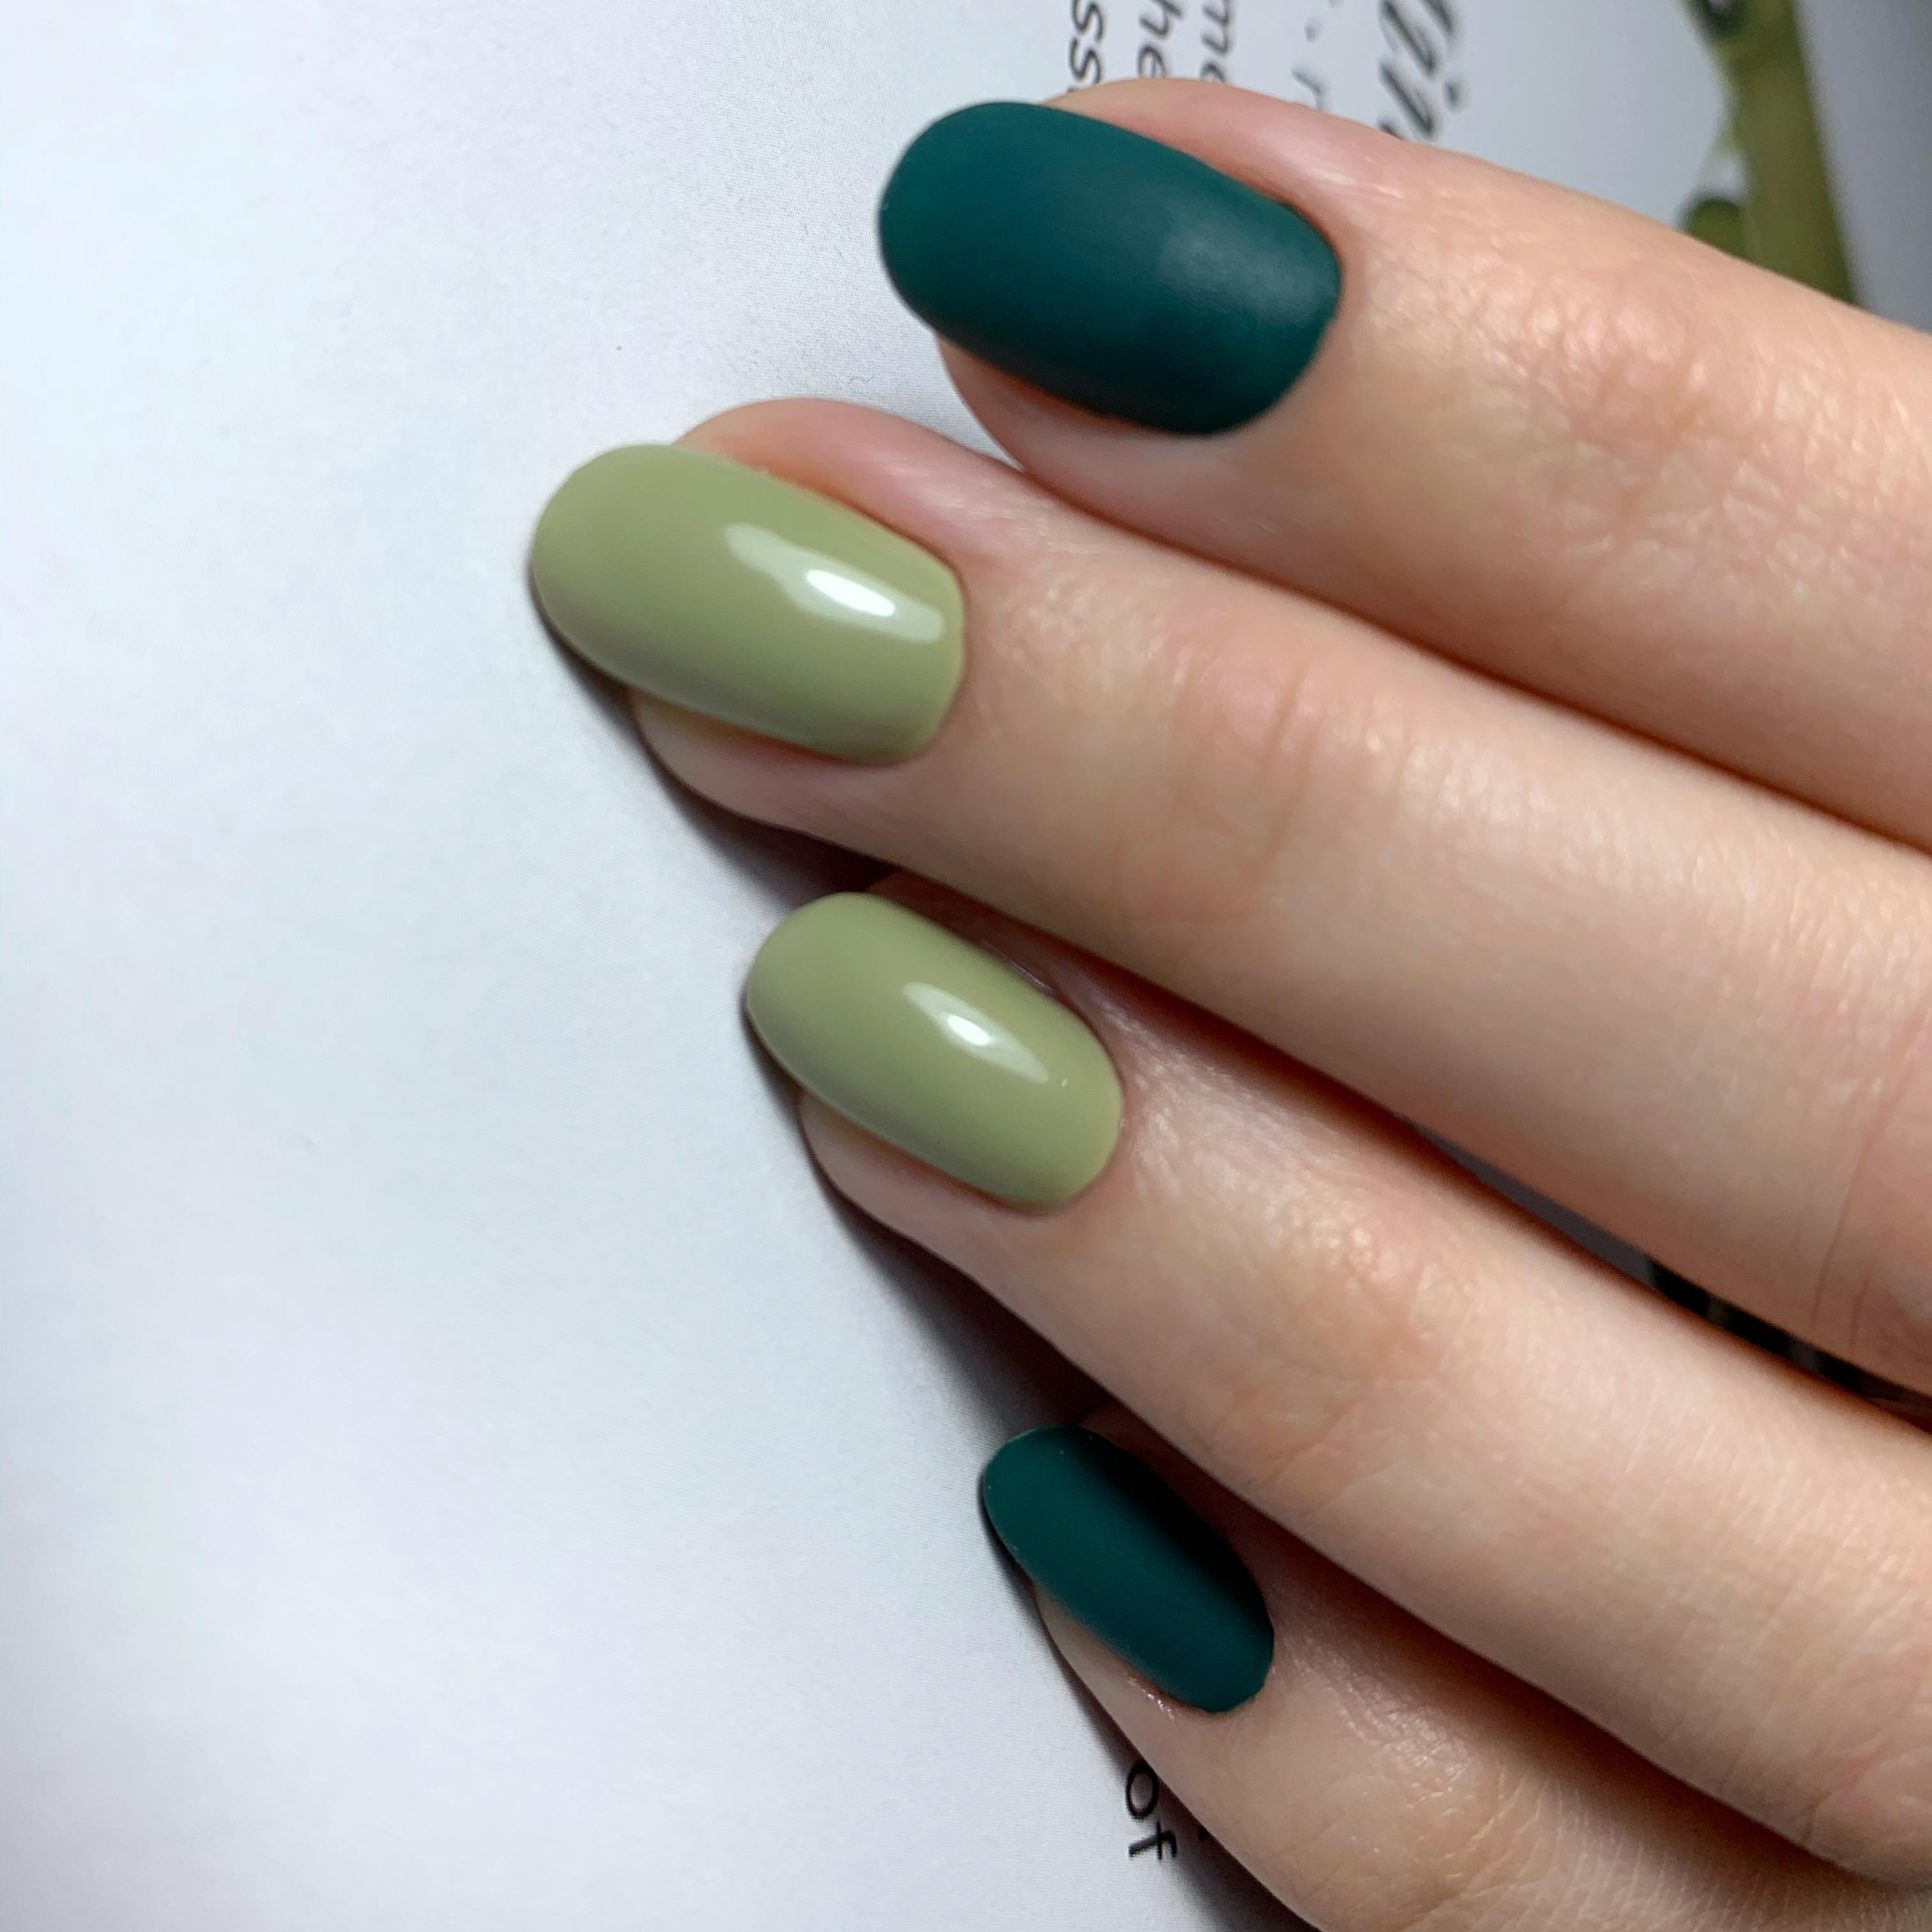 Маникюр с матовым дизайном в оливковом цвете на короткие ногти.